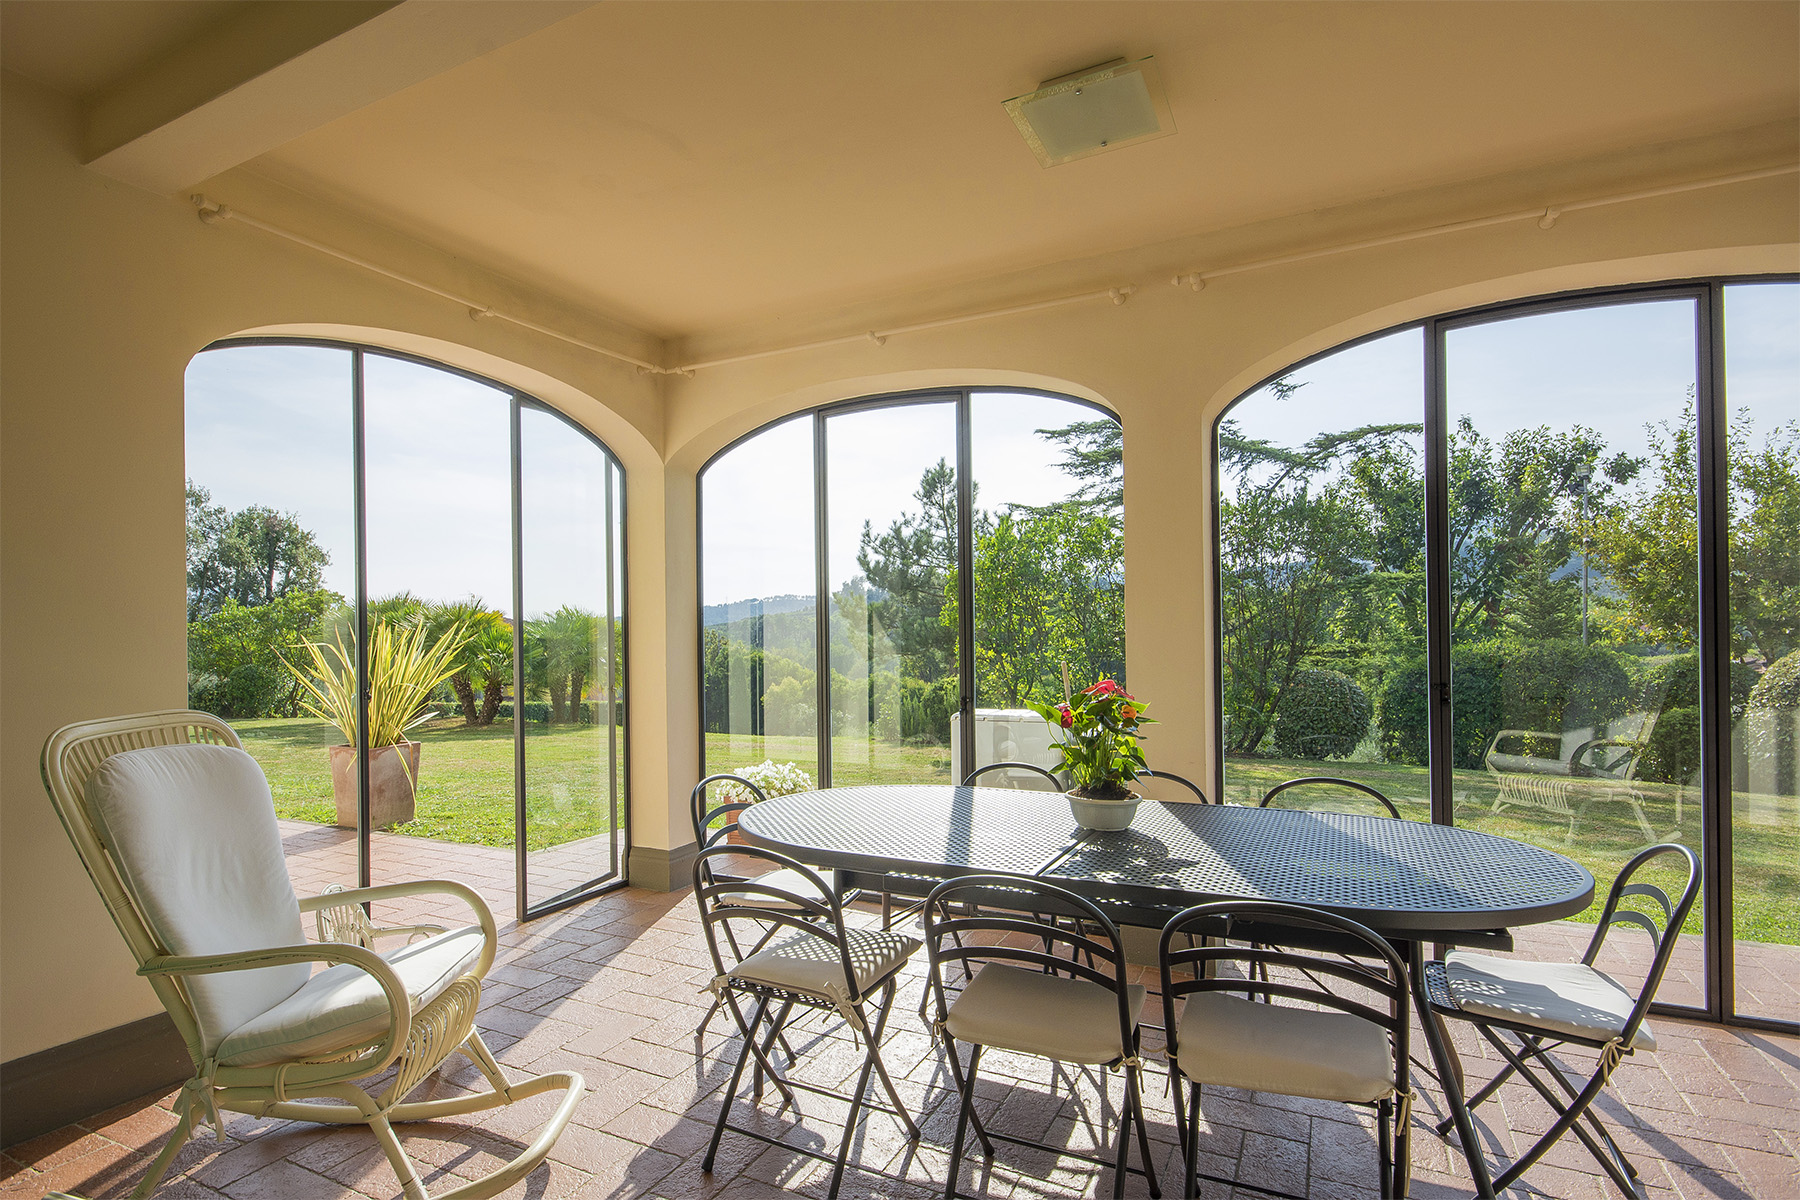 Casa indipendente in Vendita a Lucca: 5 locali, 300 mq - Foto 4